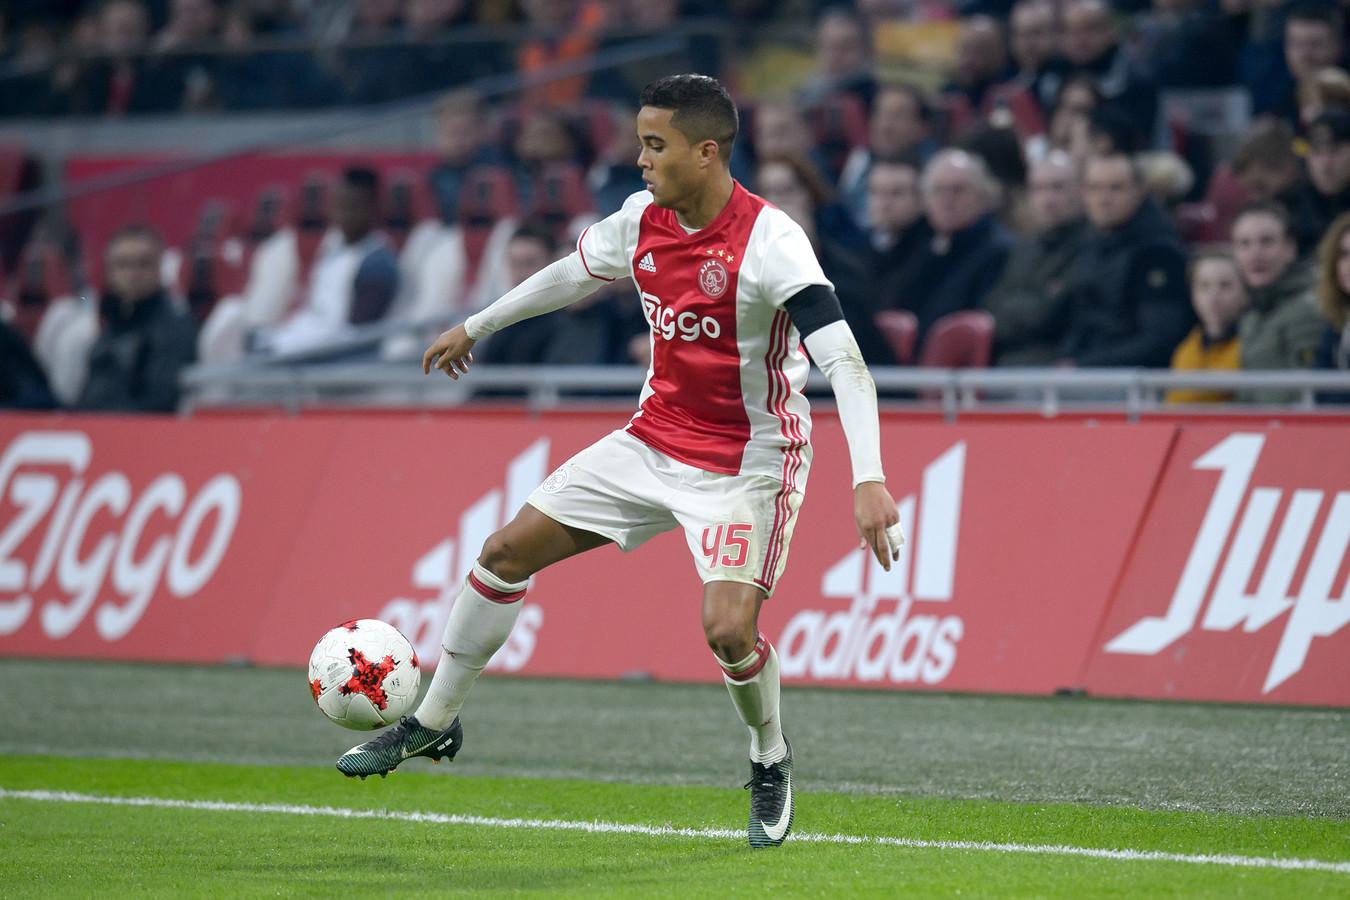 Image Result For Ajax Ado